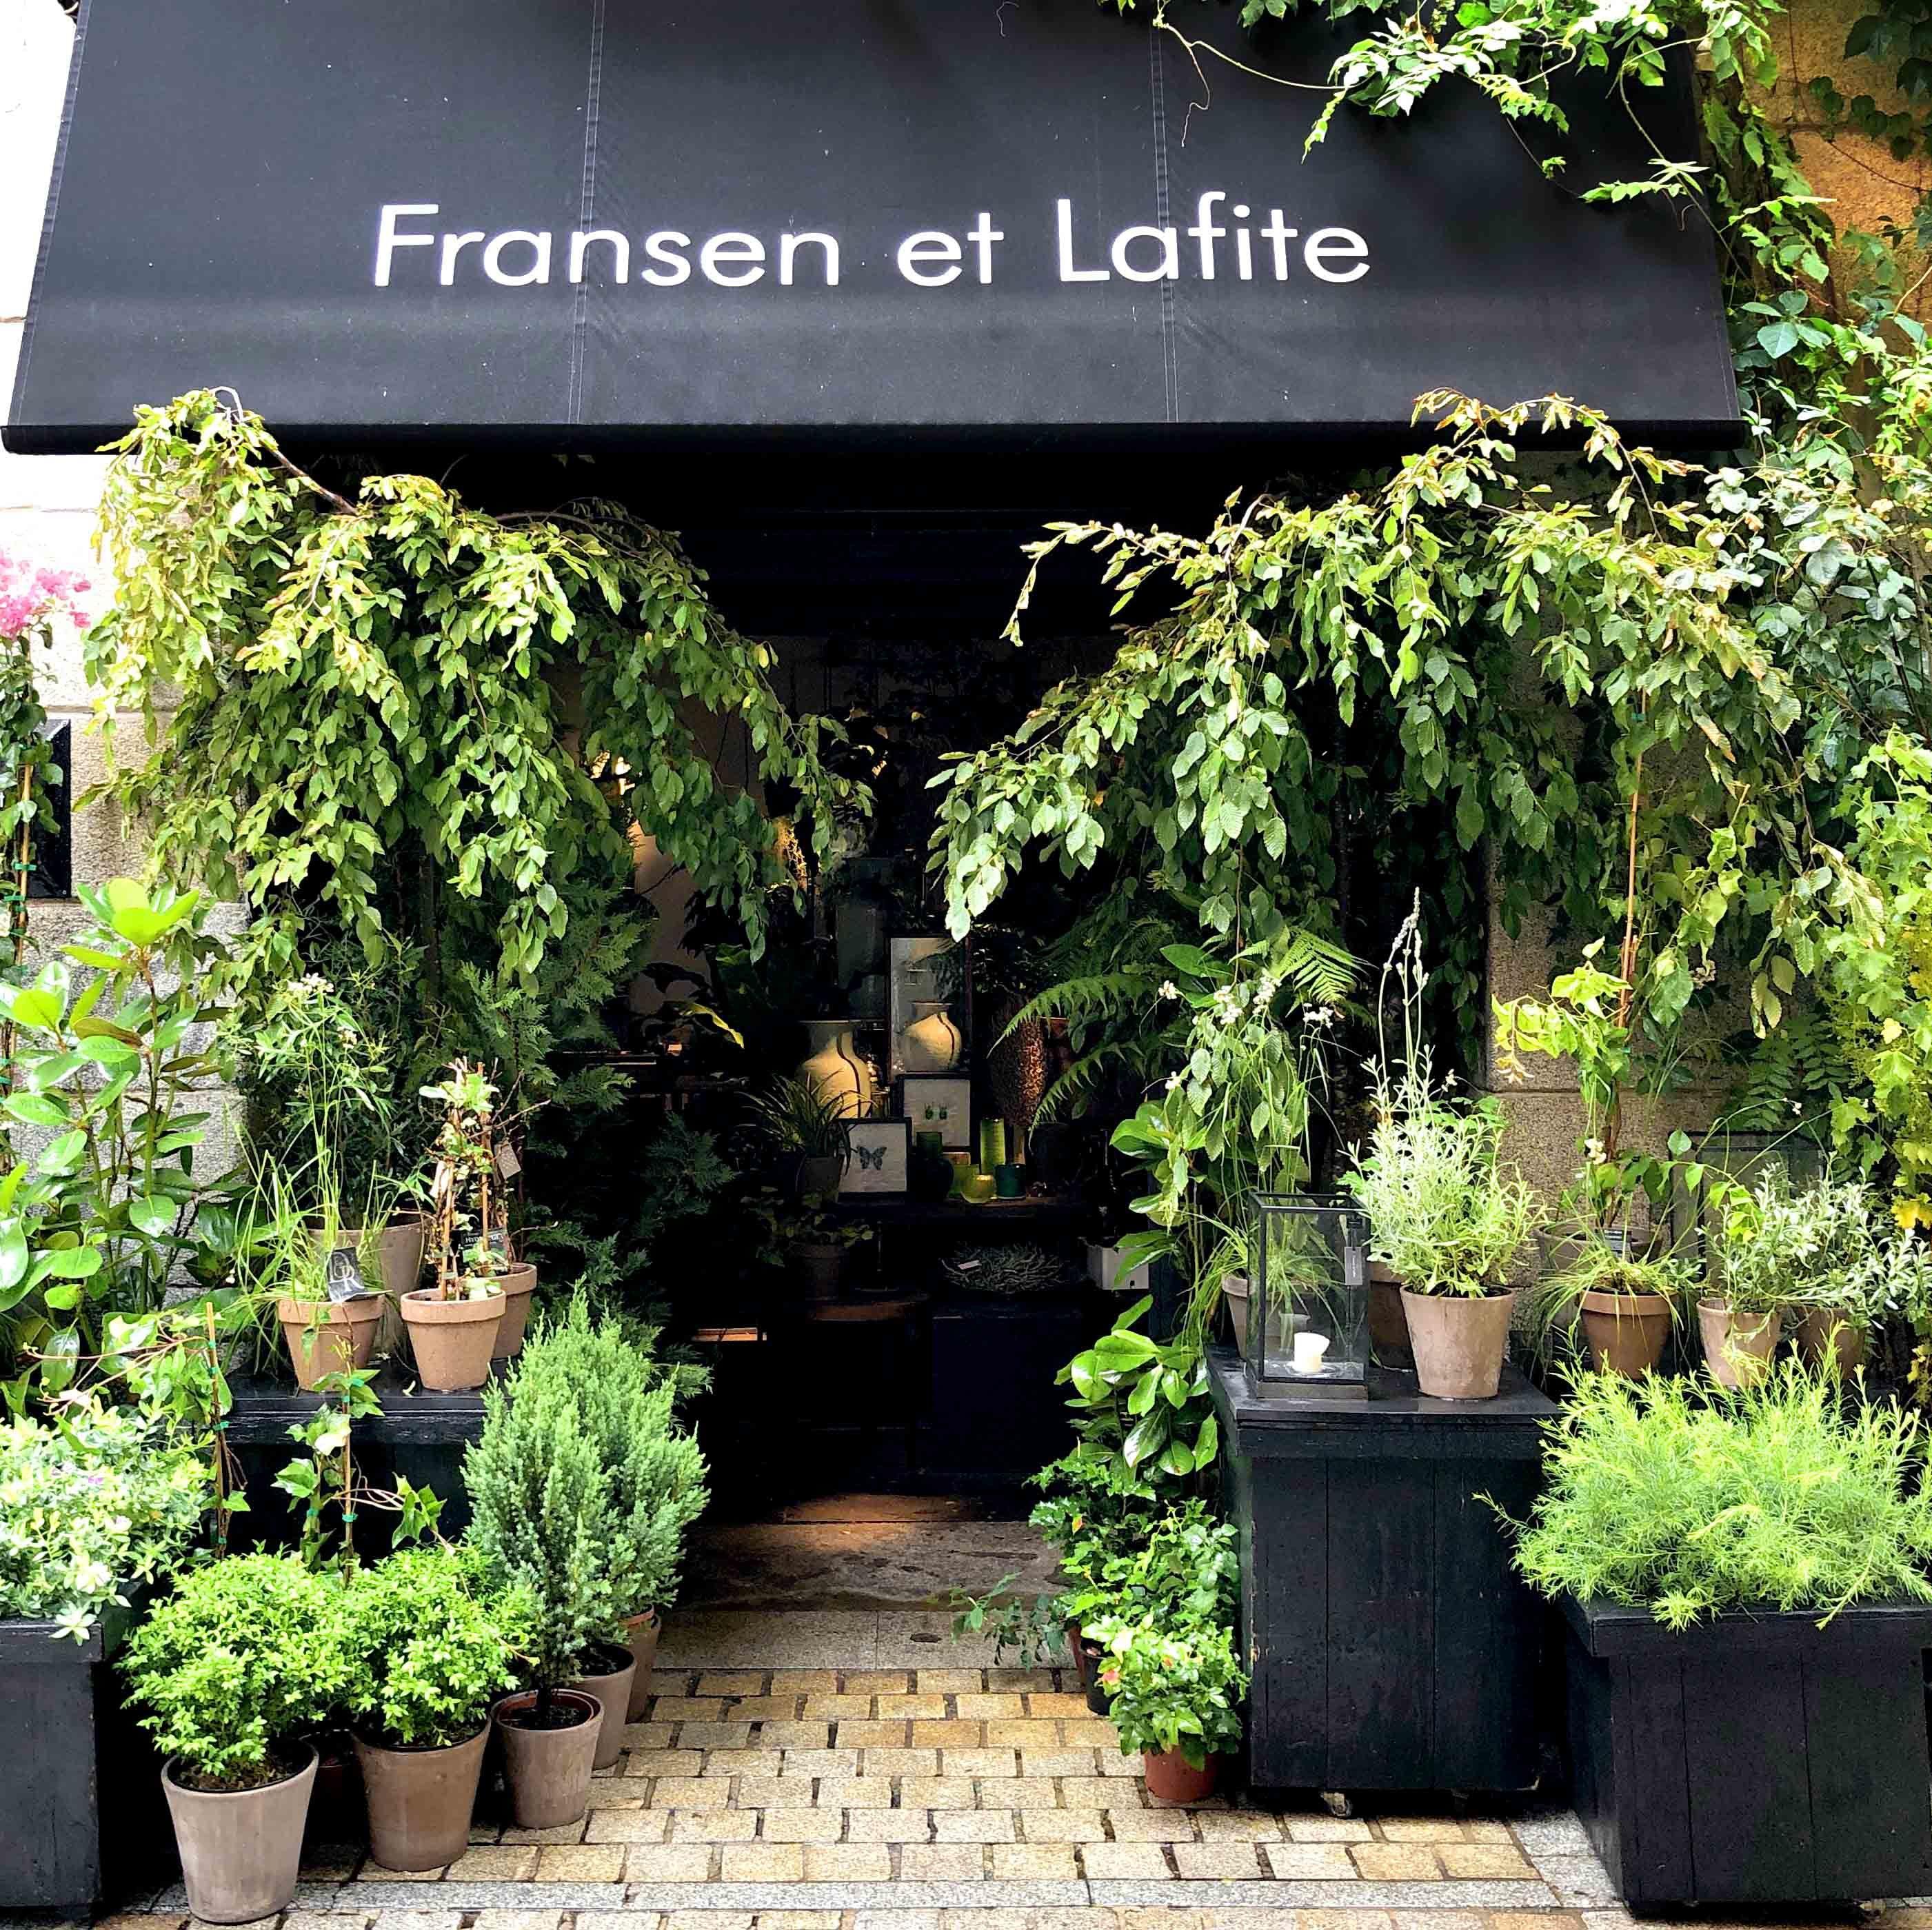 Fransen et Lafite